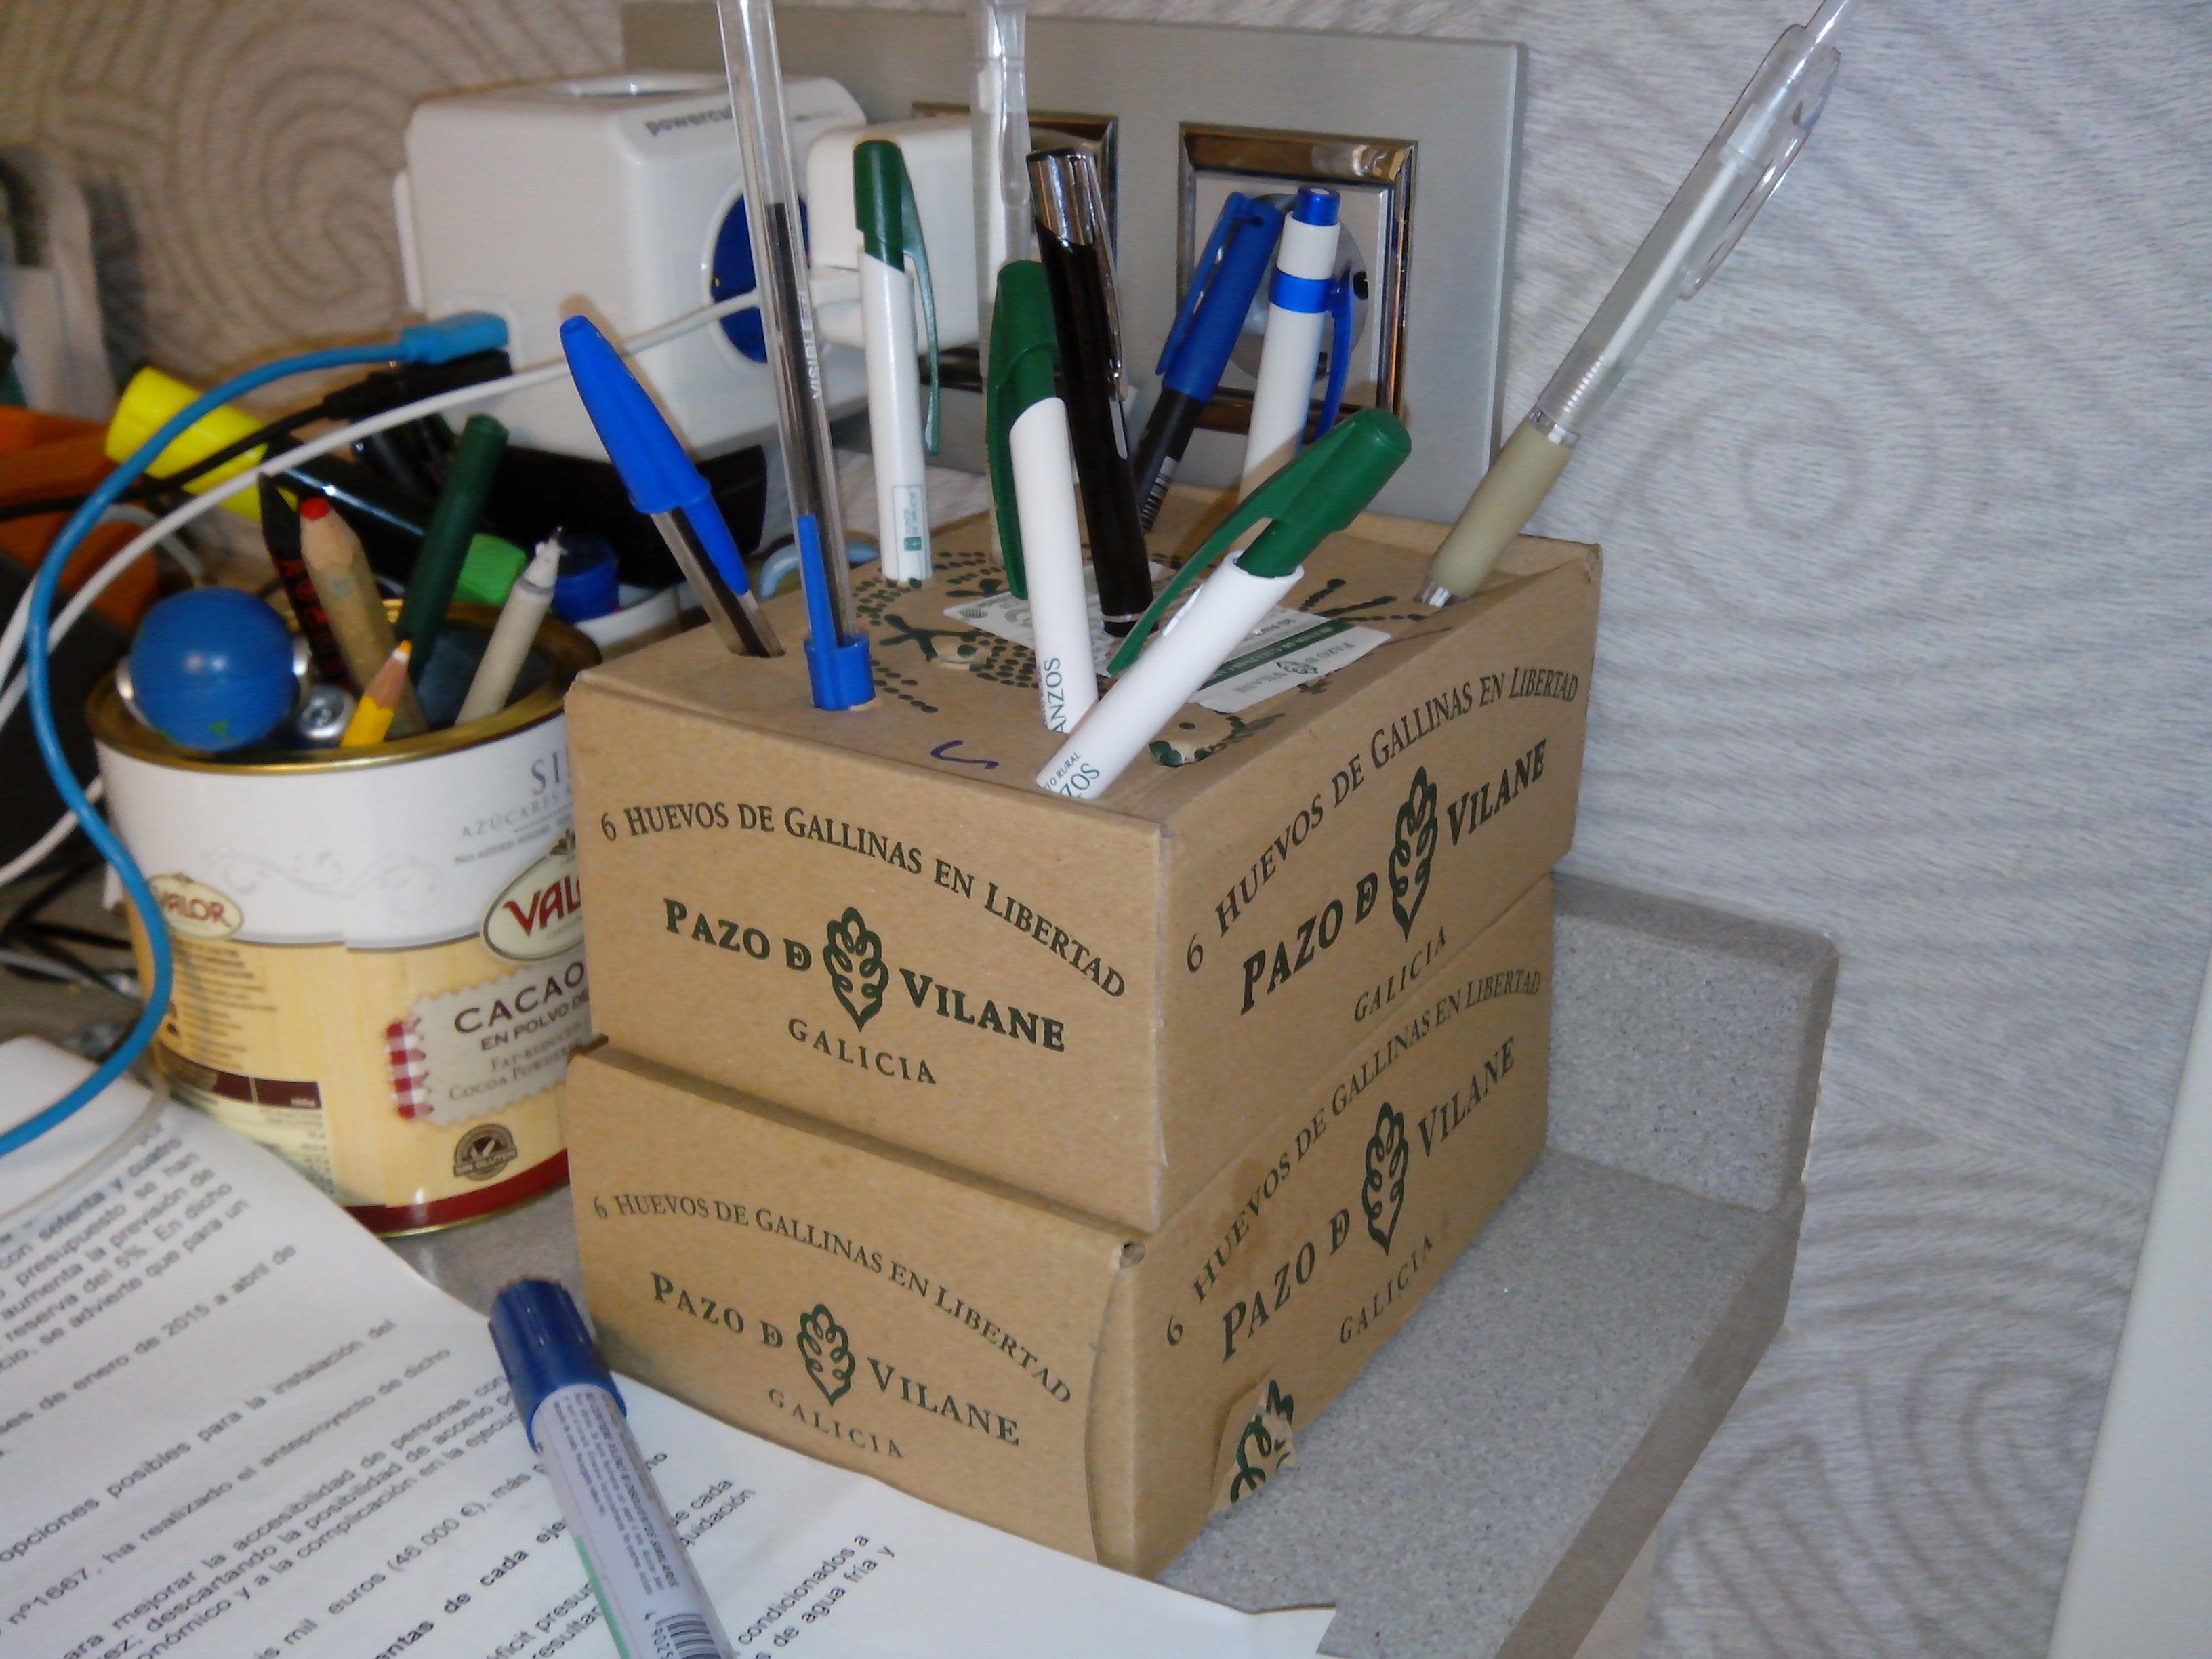 Organiza tu escritorio reutilizando la caja de huevos camperos Pazo de Vilane